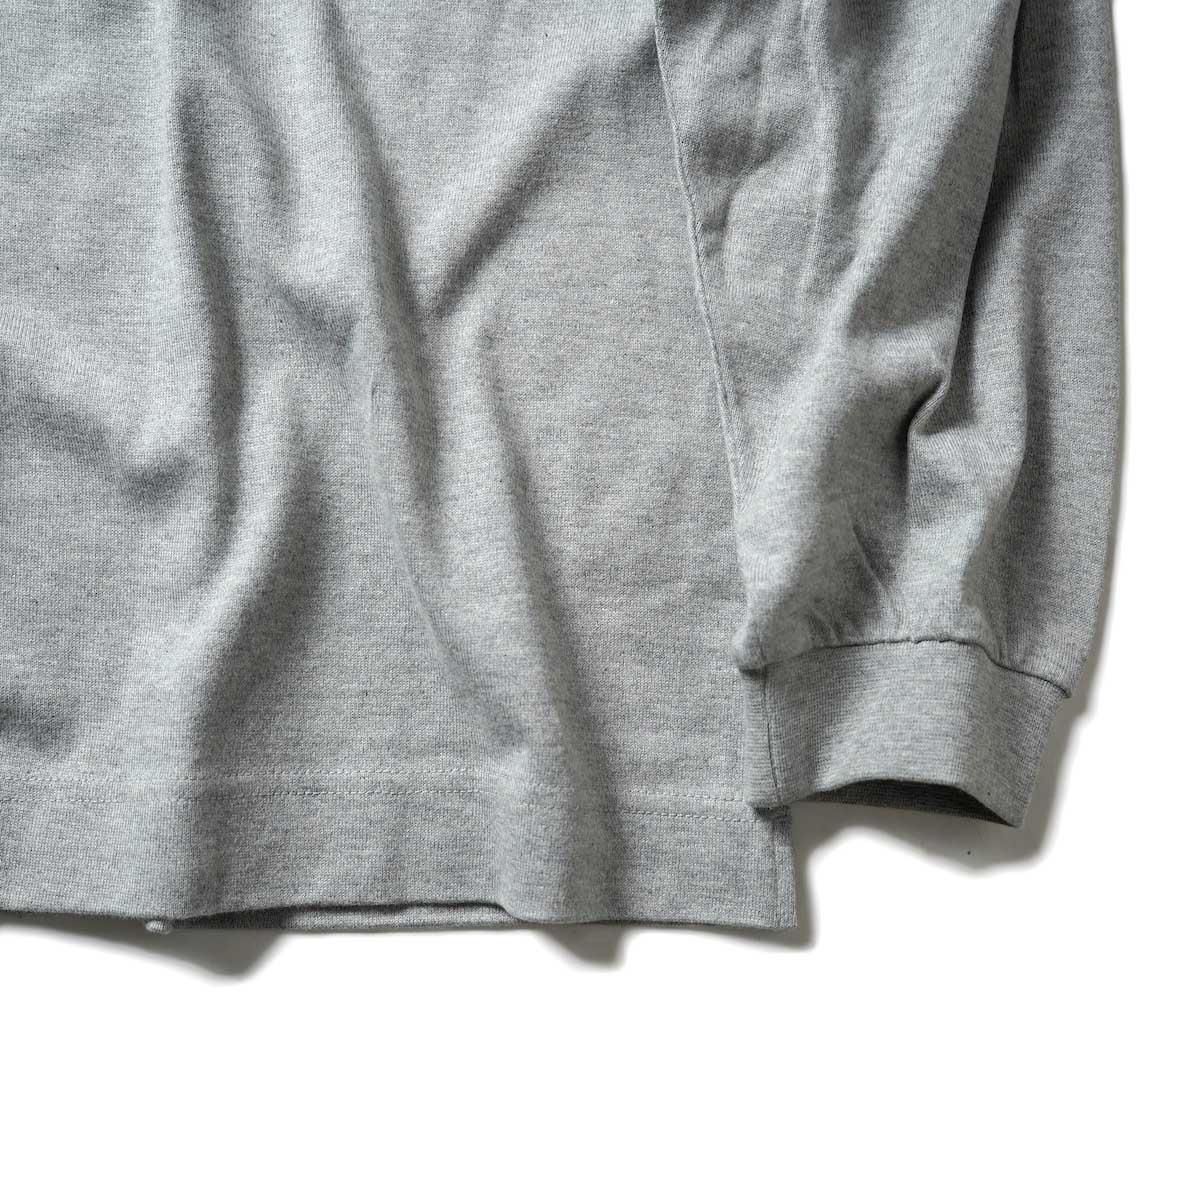 EVCON / WIDE L/S T-Shirt (Gray) 袖、裾